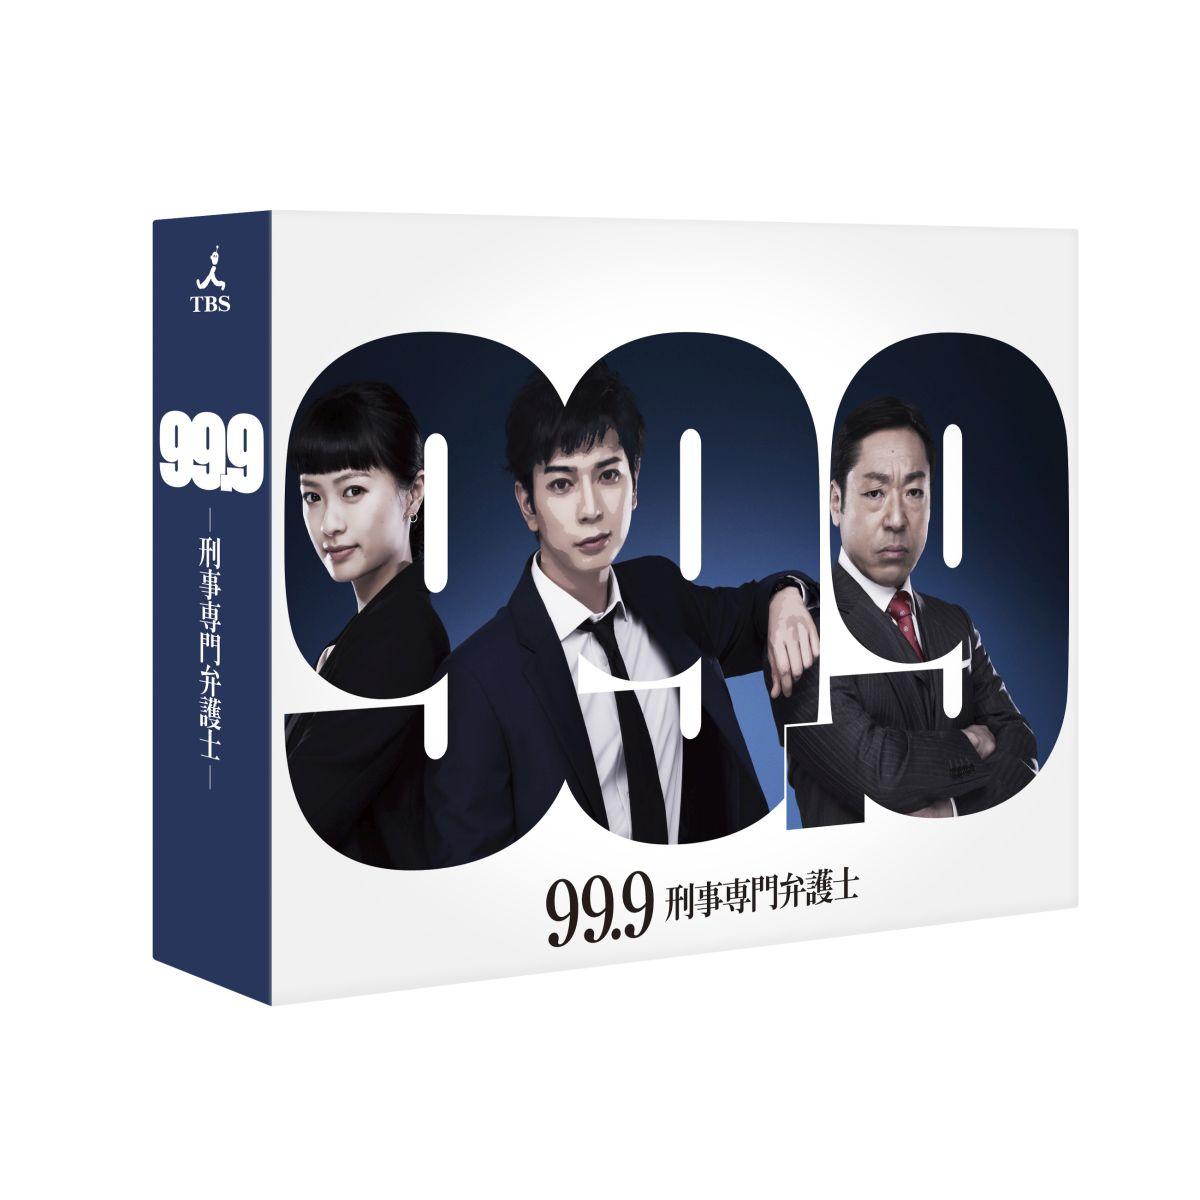 99.9-刑事専門弁護士ーBlu-ray BOX【Blu-ray】